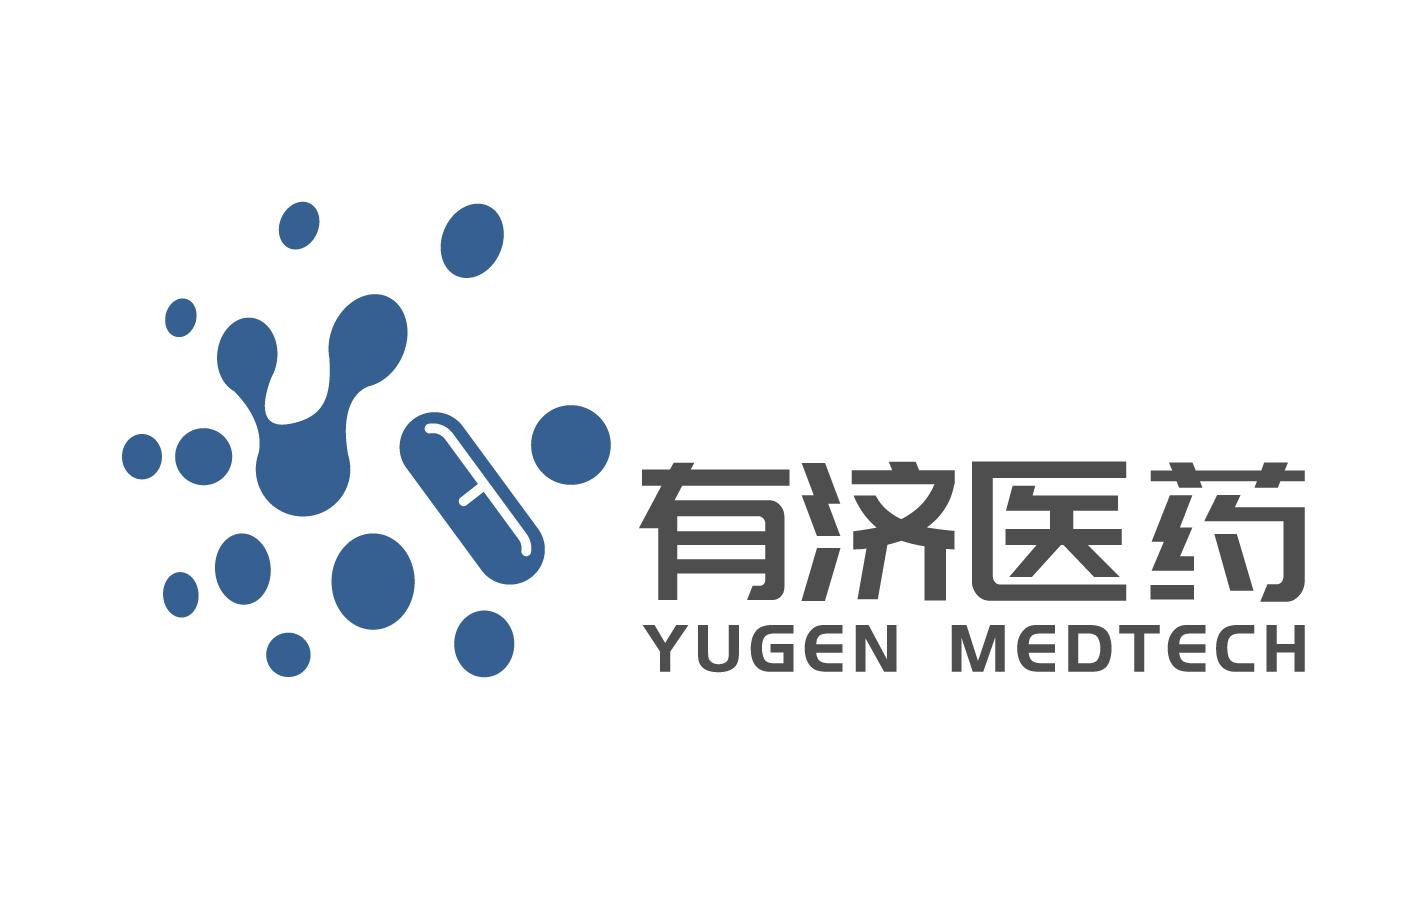 天津有济医药科技发展有限公司